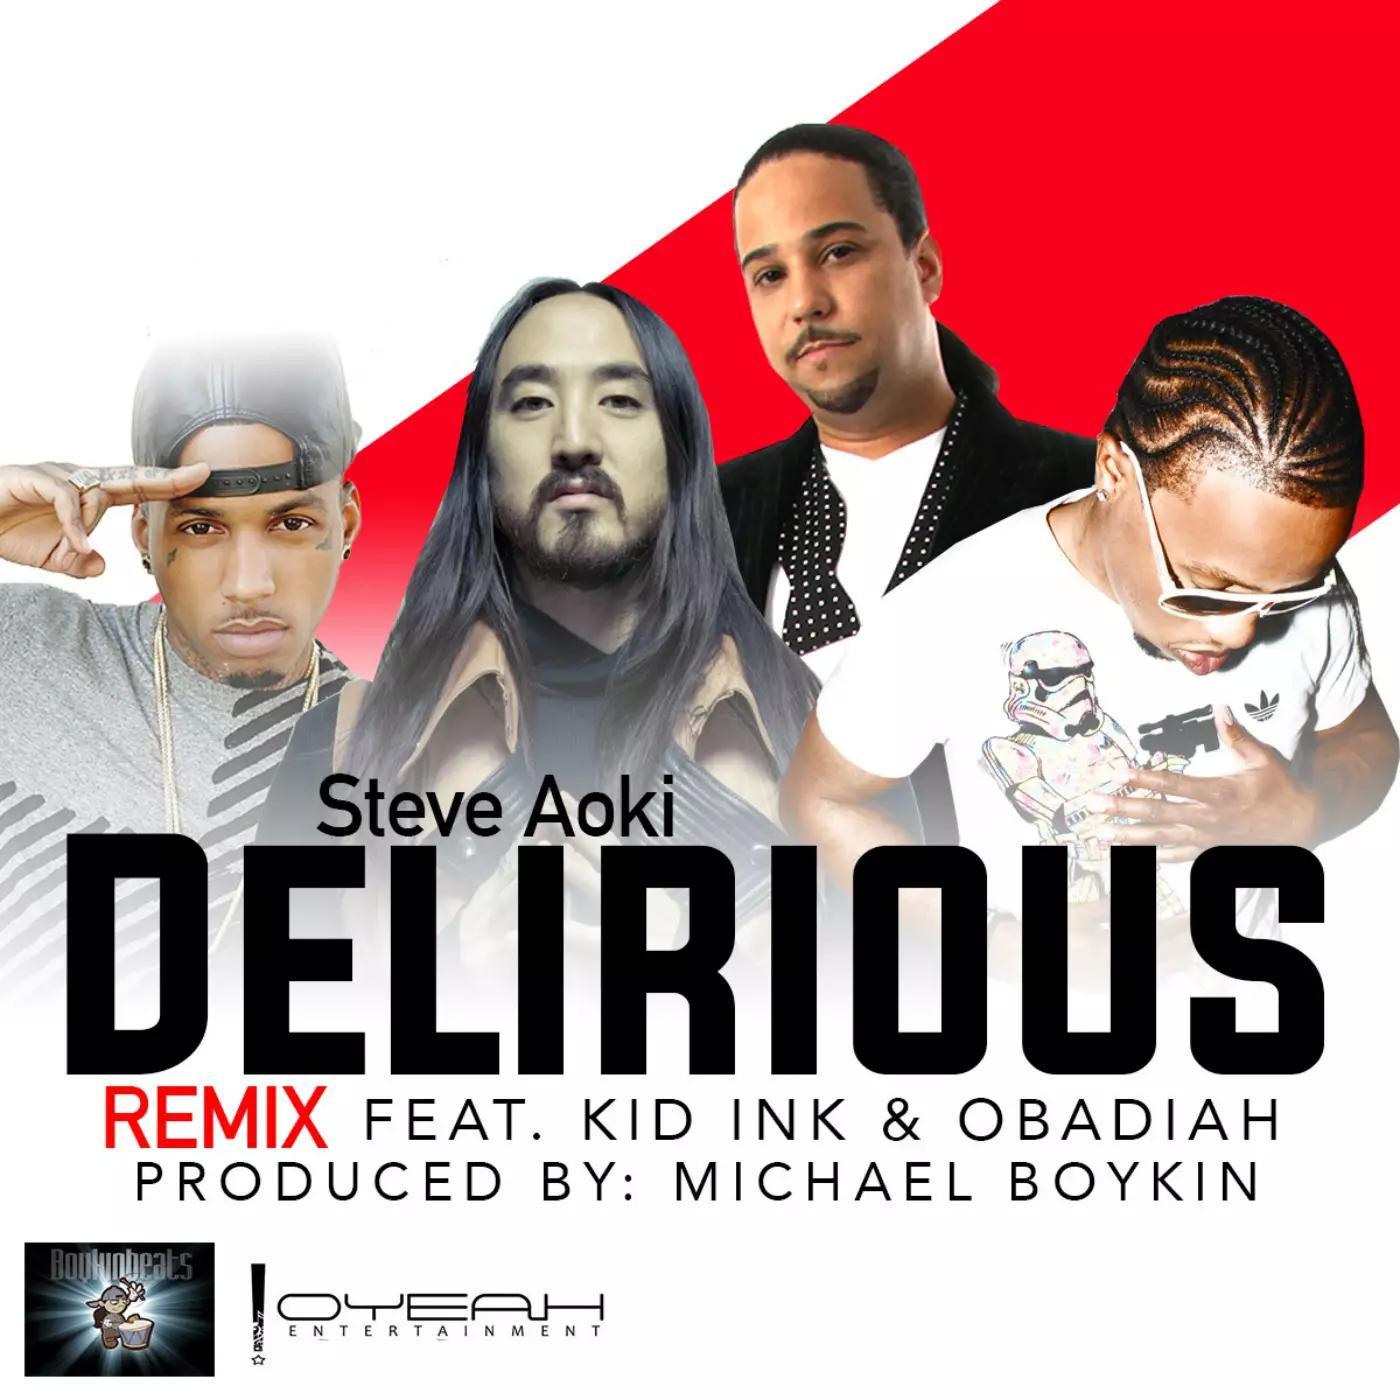 DeliriousArtwork-final-promo